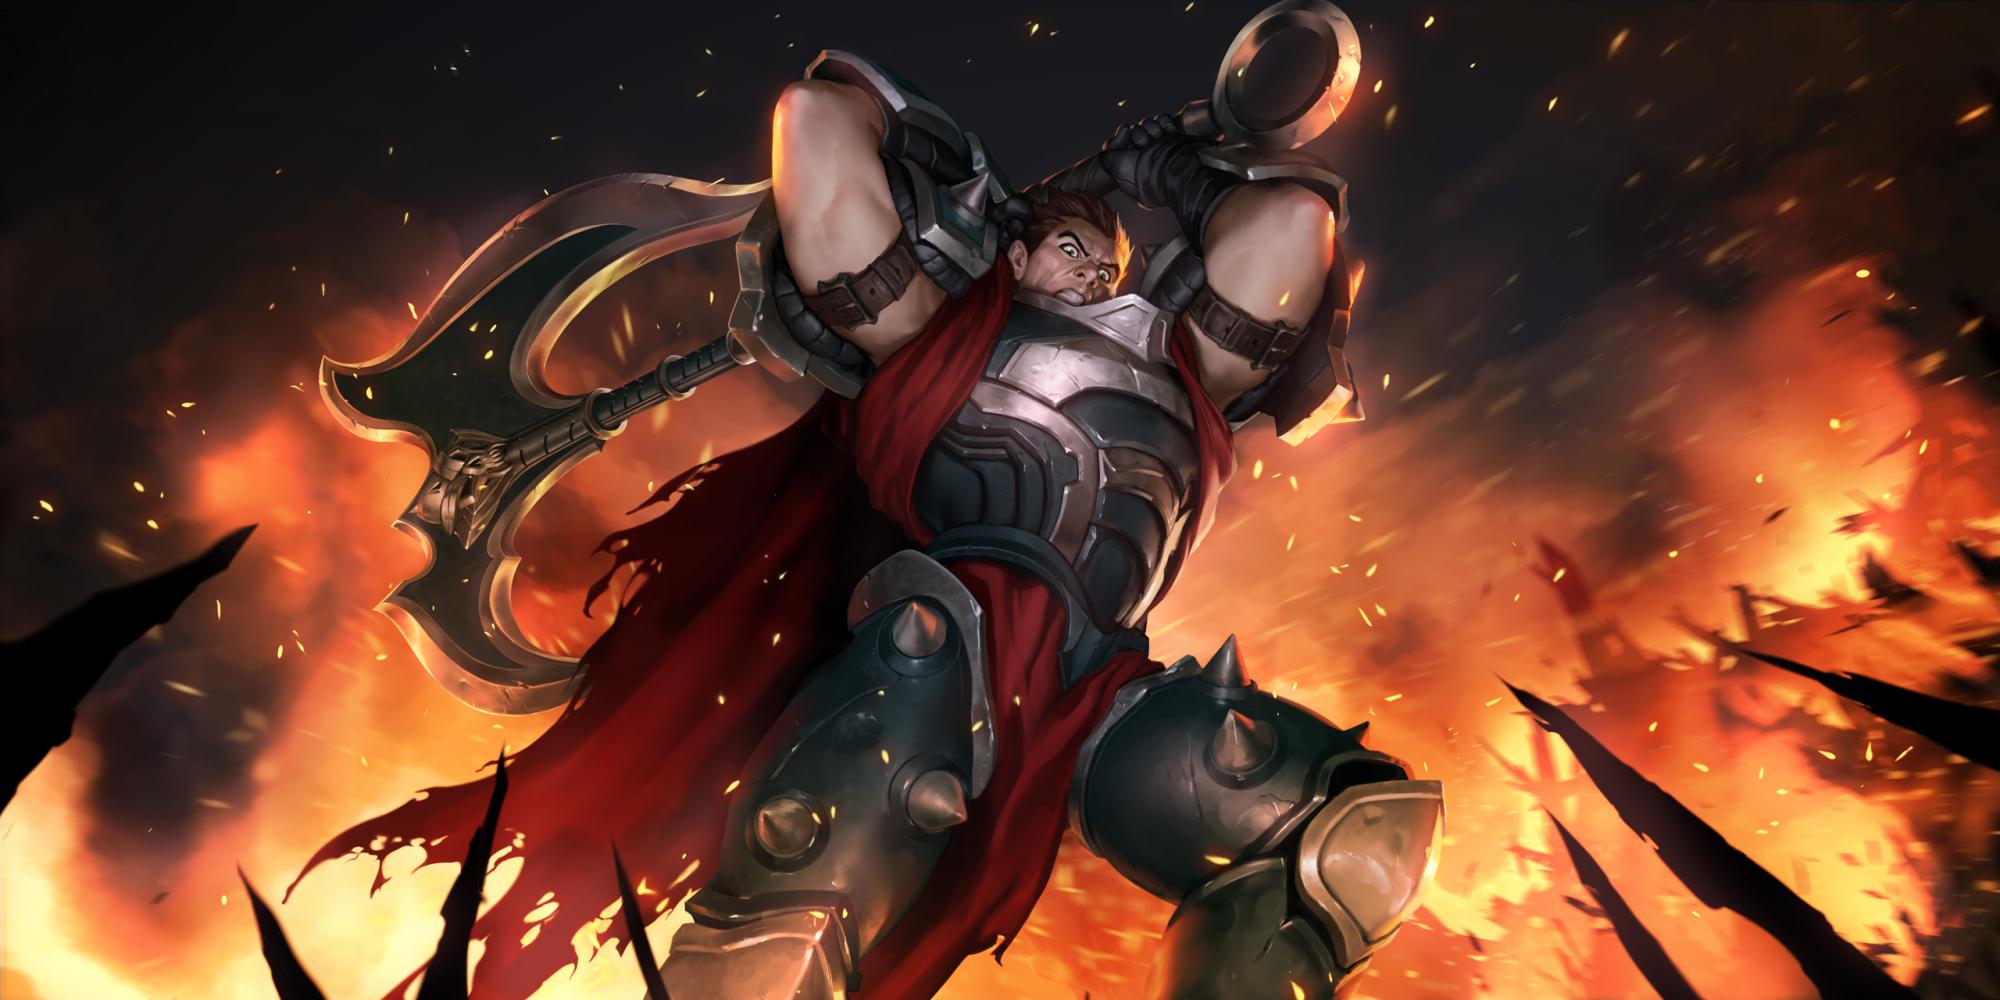 《【煜星娱乐公司】英雄联盟中迷惑性很强的角色,看起来是个坦克,实际上伤害爆炸》